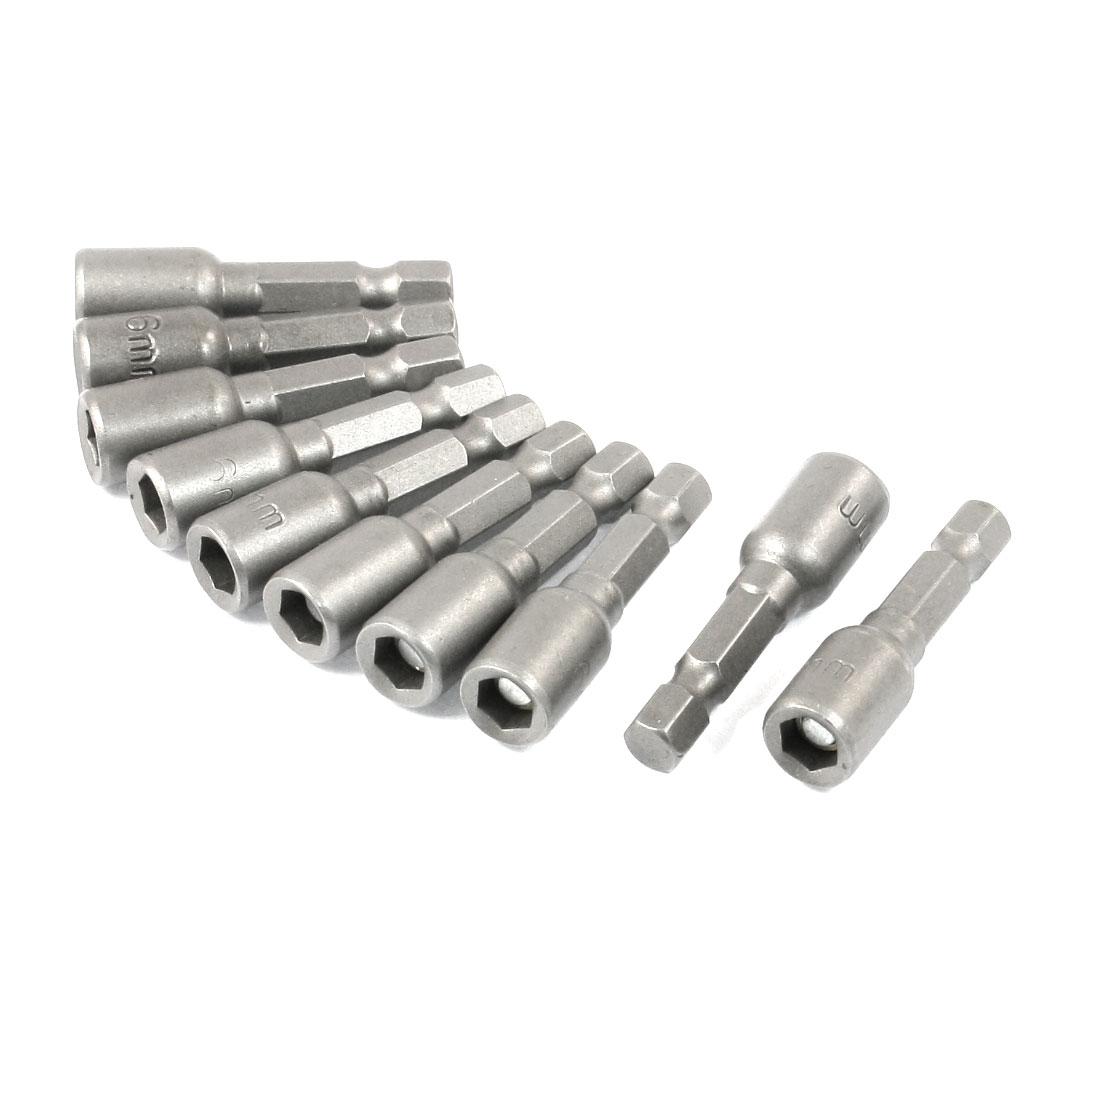 10 Pcs 6 x 48mm Screwdriver Drill Sleeve Hexagon Drive Hex Socket Bit